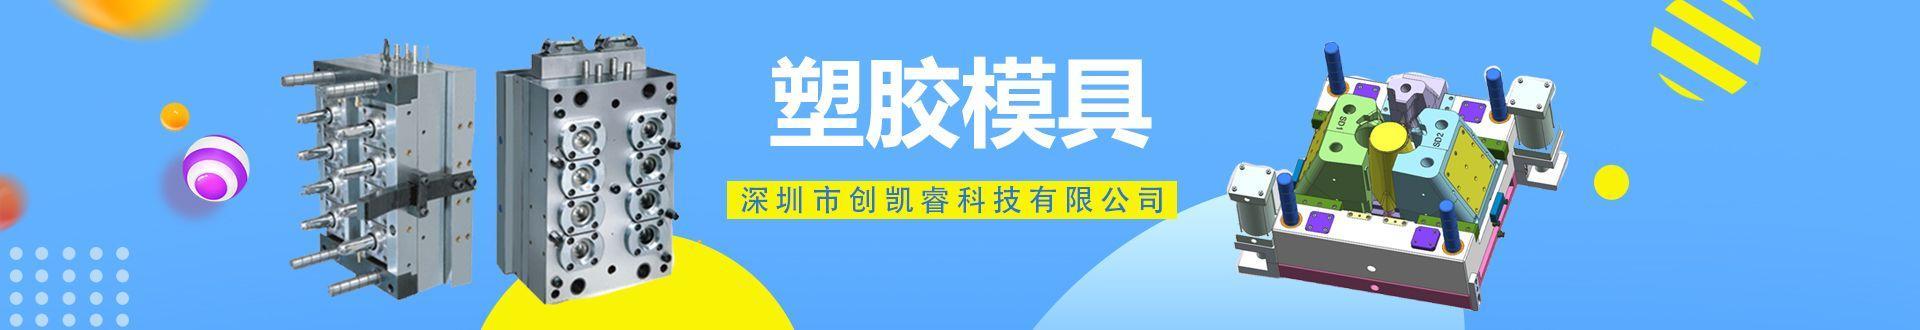 深圳市创凯睿科技有限公司